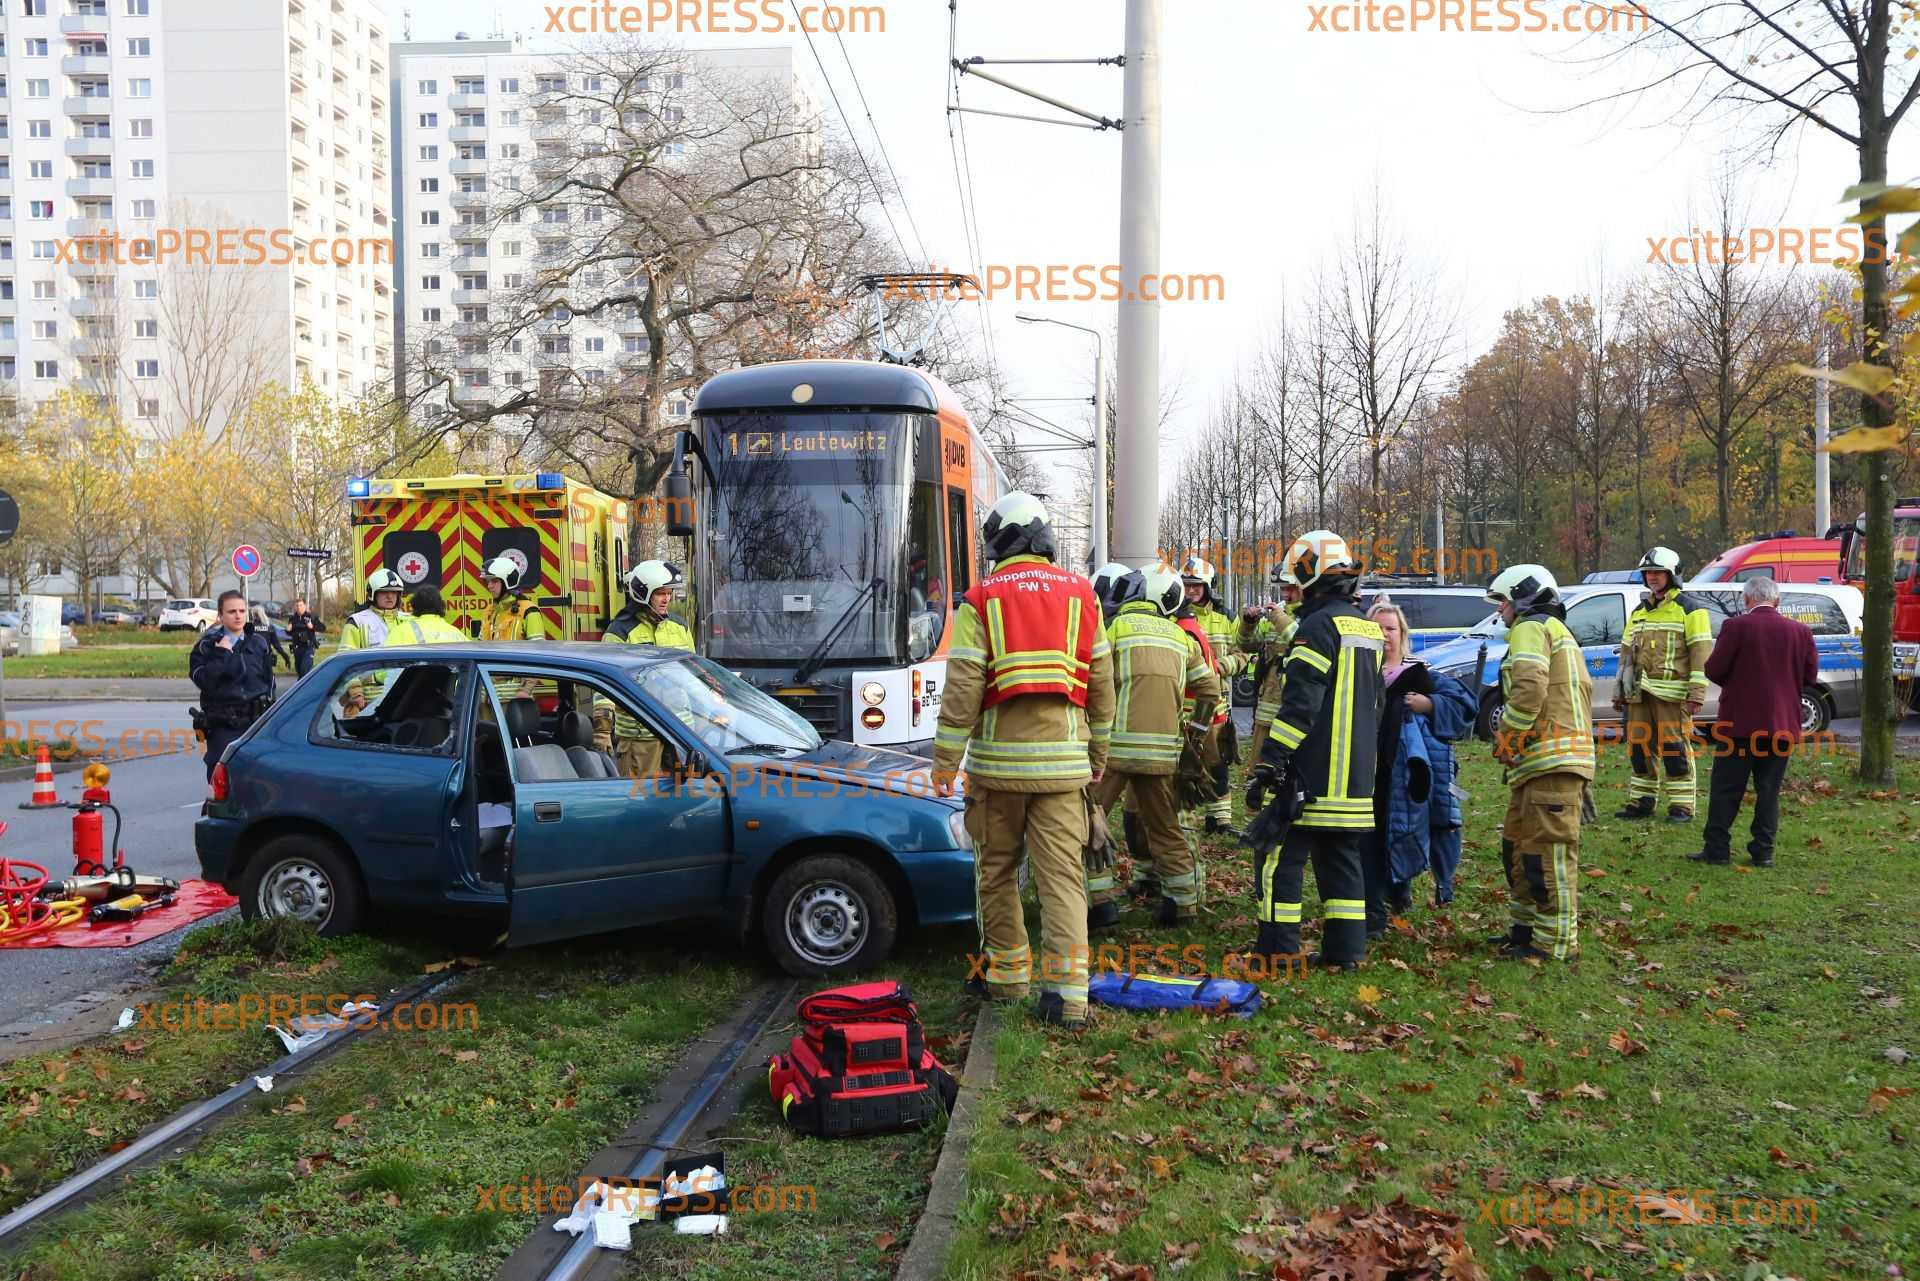 PKW übersieht Tram: Fahrerin (26) lebensgefährlich verletzt: Wagen mehrere Meter mitgeschleift - Tram mit Bremsassistent ausgestattet